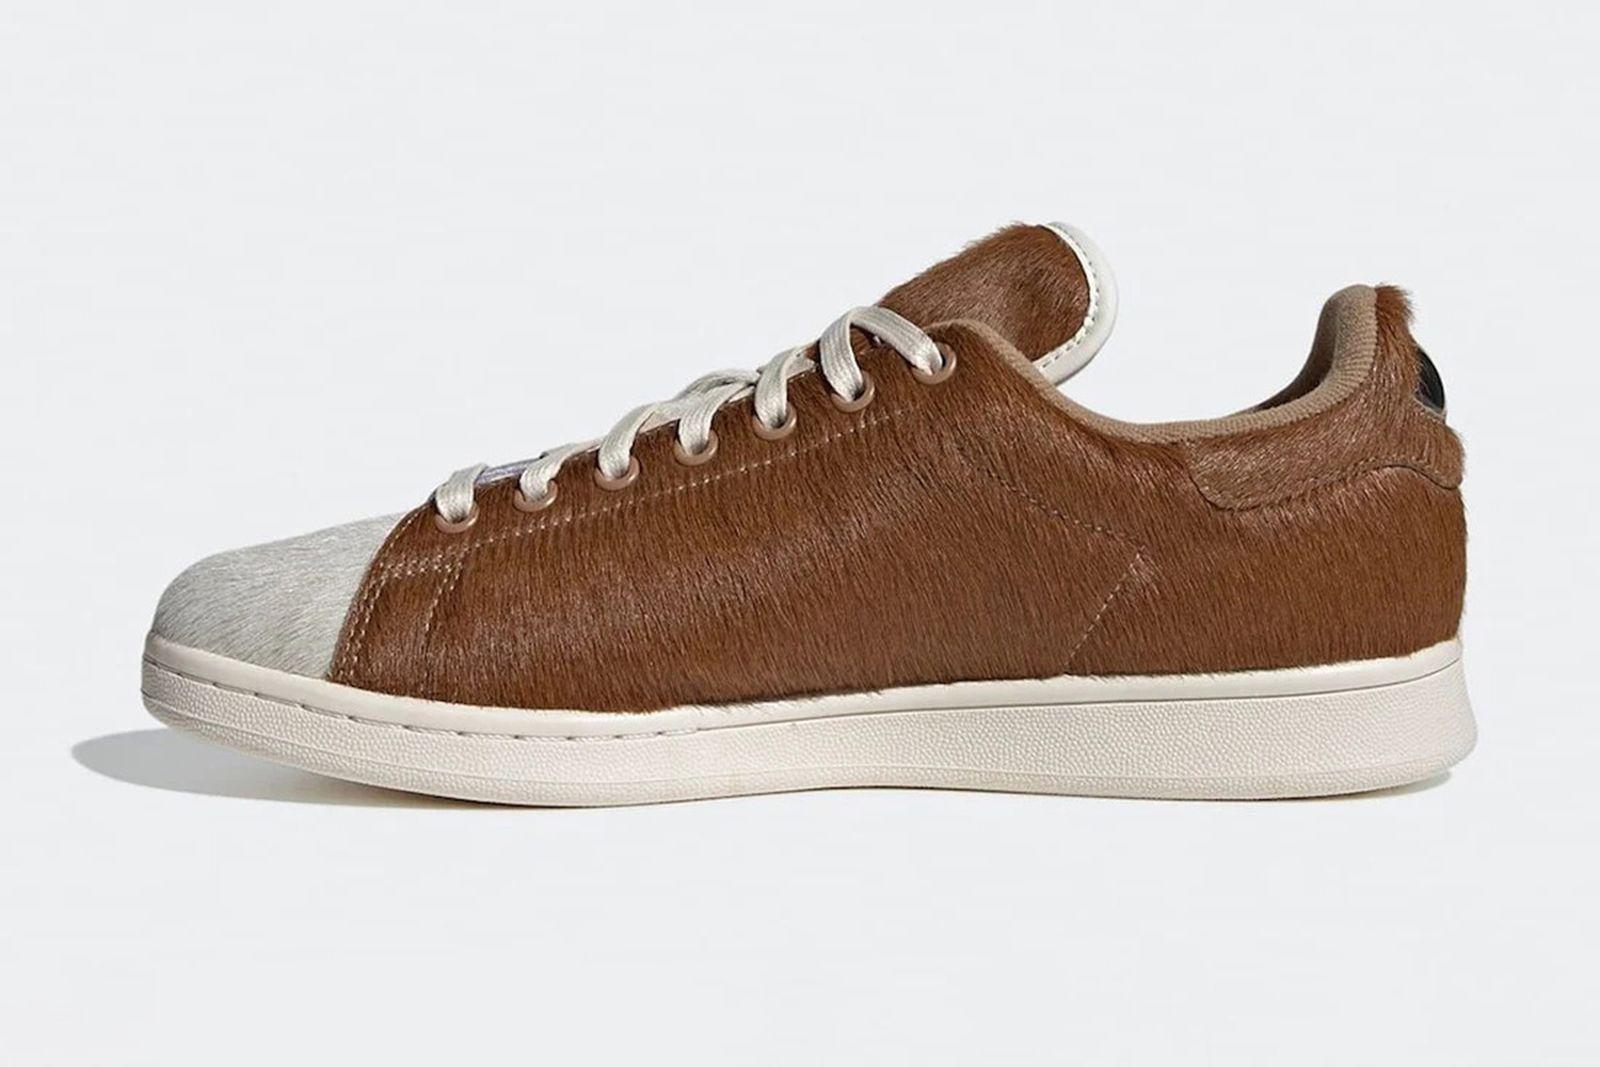 adidas-originals-stan-smith-gremlins-release-date-price-02